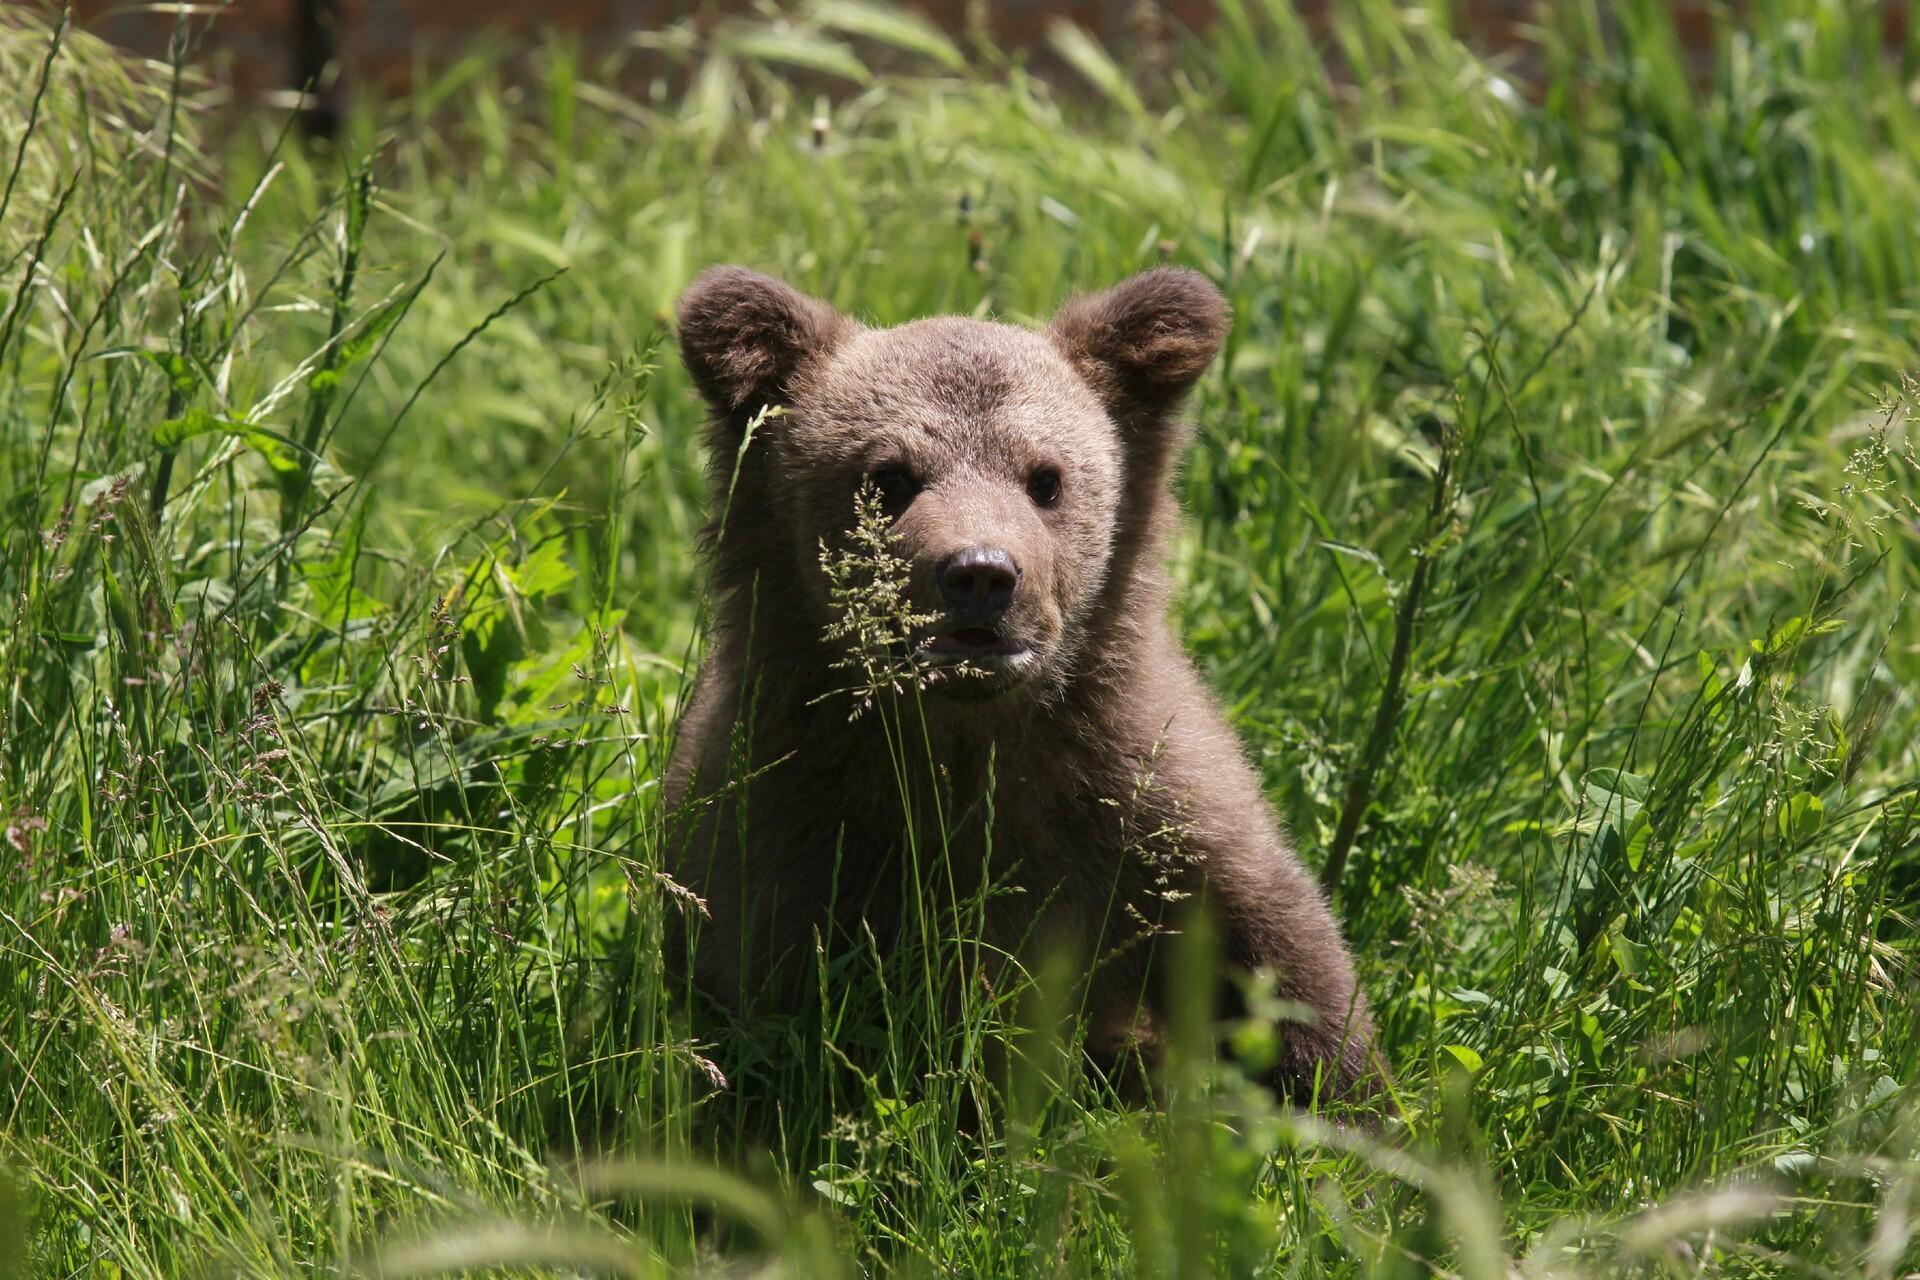 Bärenjunges Andri im hohen Gras